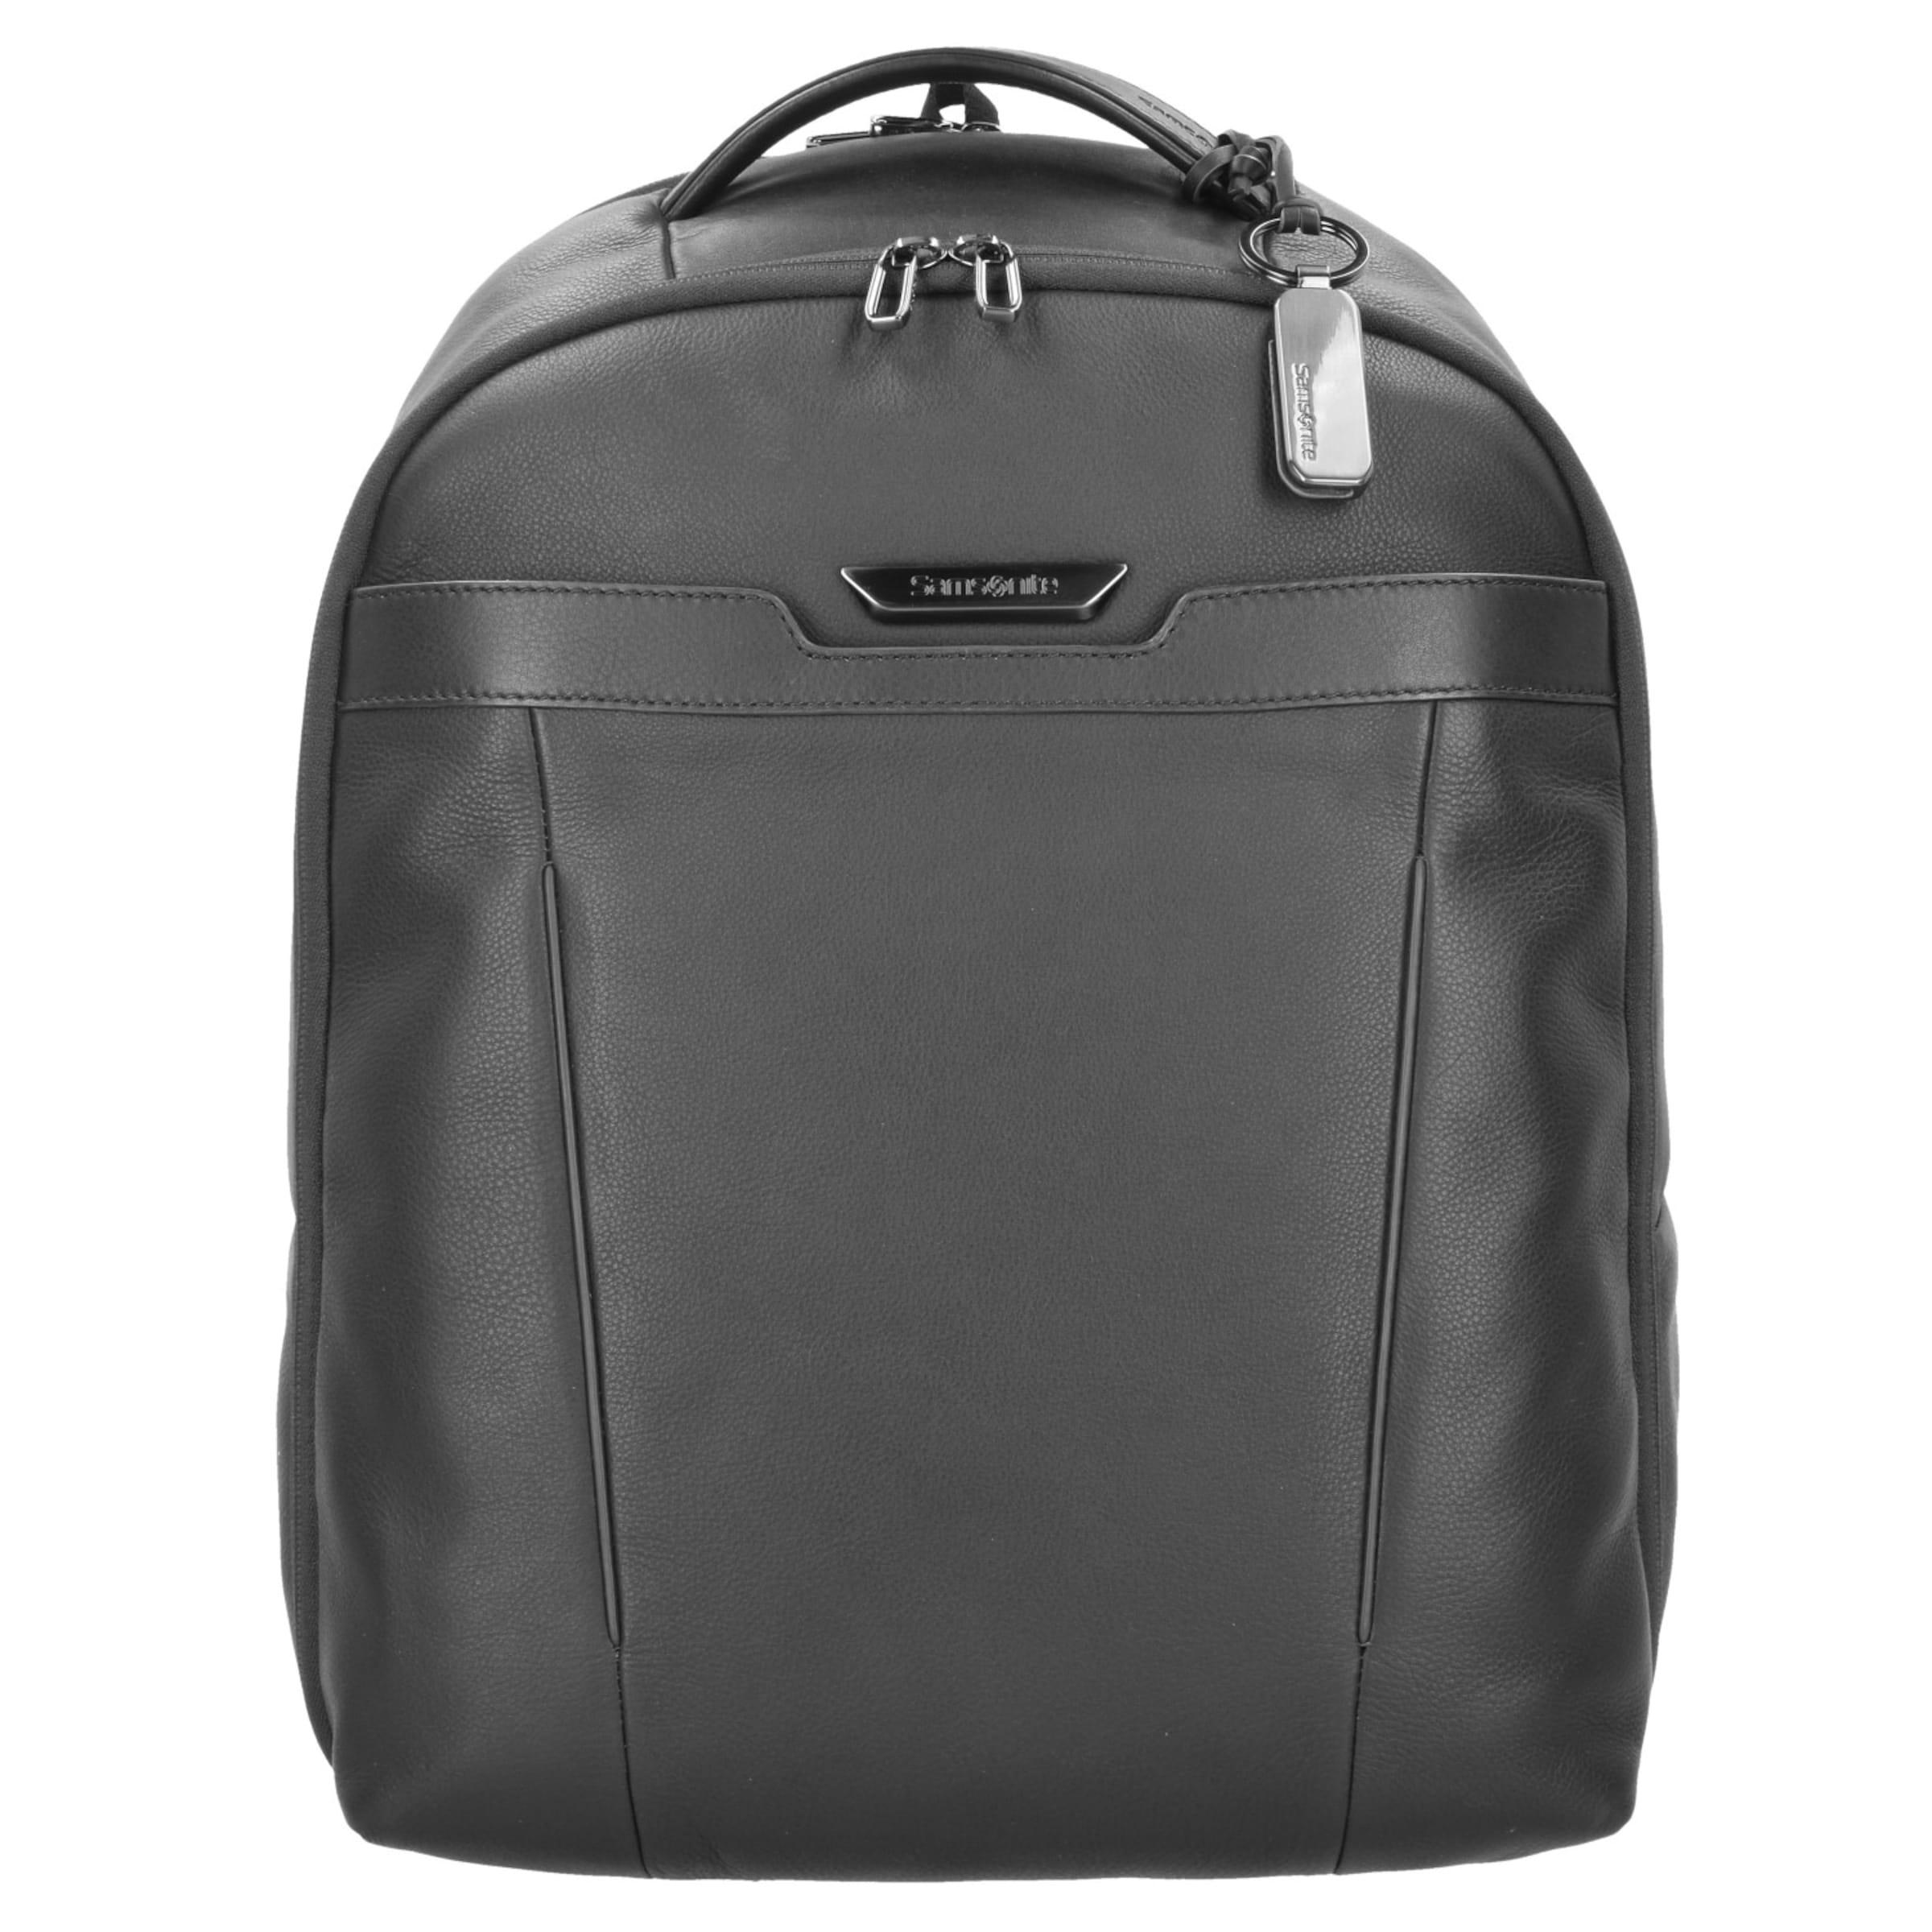 SAMSONITE Sygnum Business Rucksack Leder 46 cm Laptopfach Verkaufskosten Eastbay Zum Verkauf Großer Verkauf Auslass Extrem 8M44NsFNh